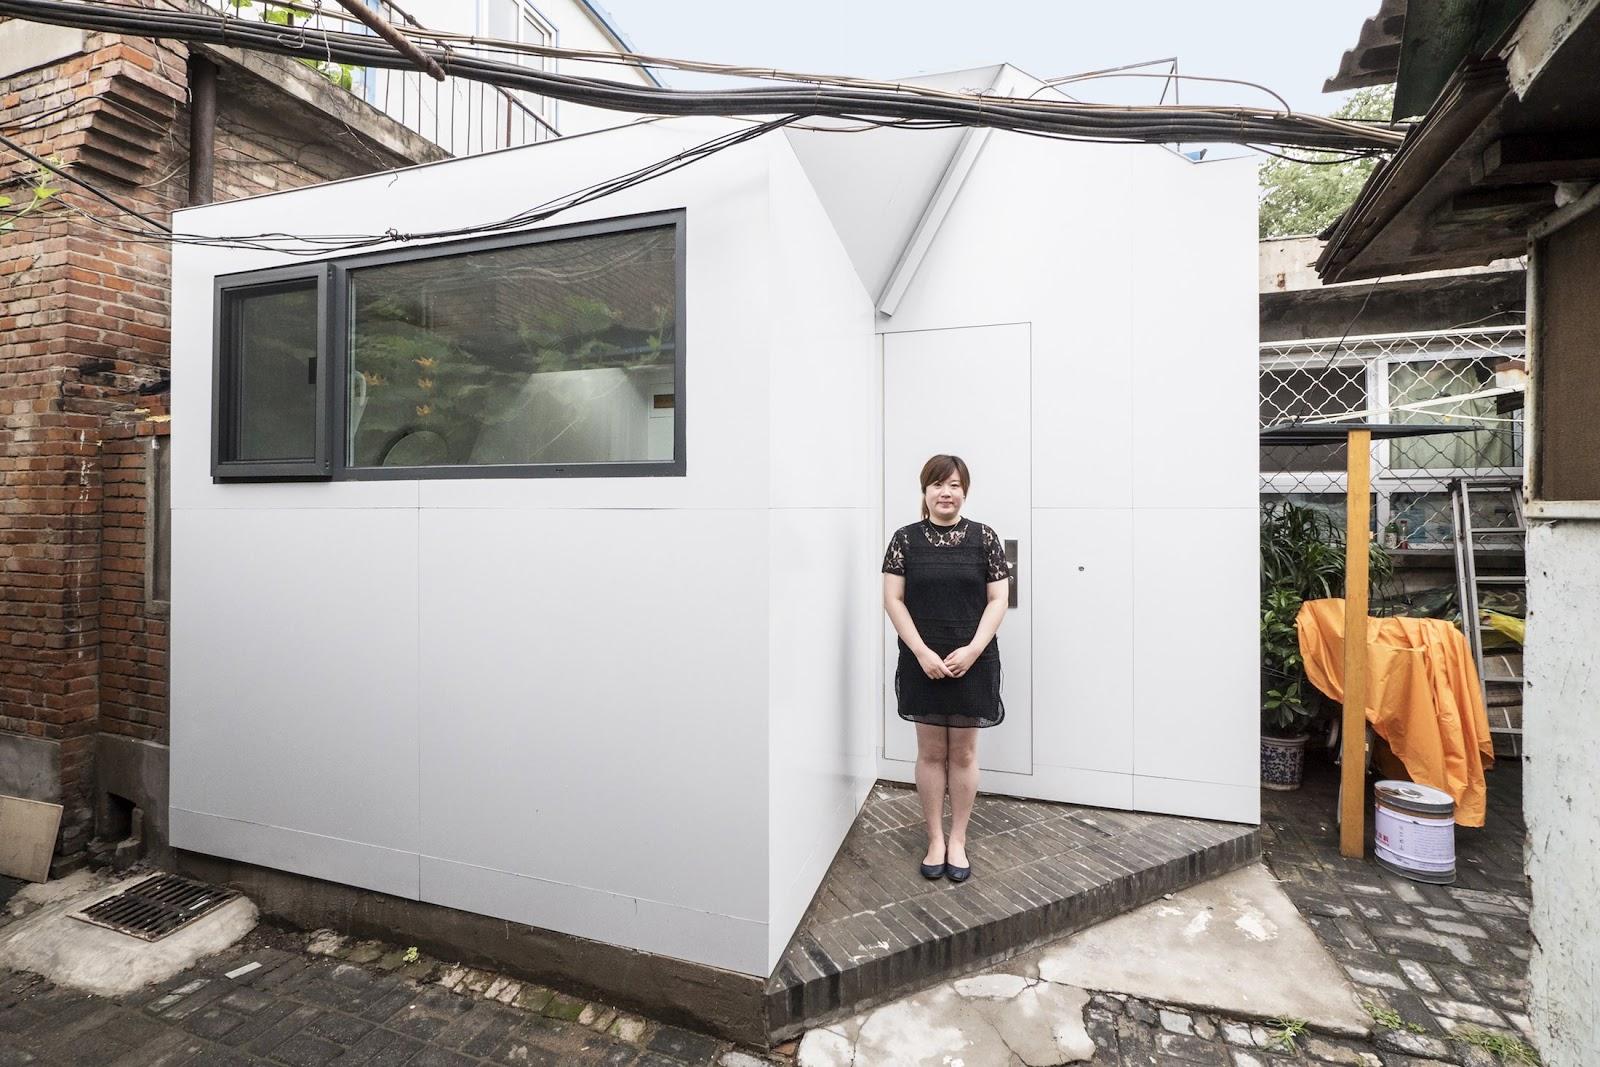 Thật khó tin, căn nhà tuyệt đẹp này chỉ mất hơn 200 triệu đồng và 1 ngày để hoàn thành - Ảnh 1.